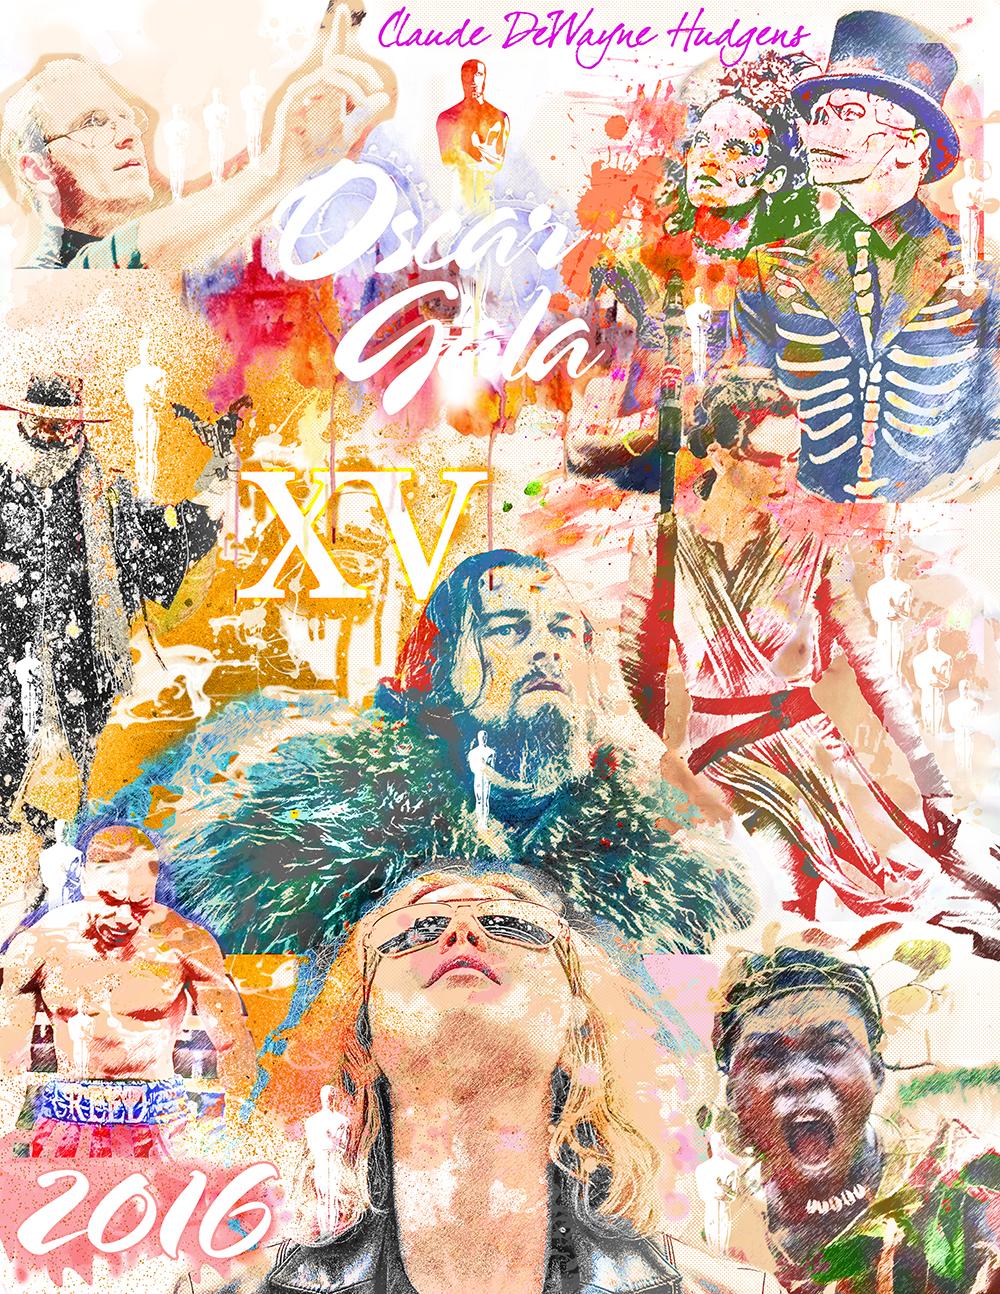 15th Annual Claude DeWayne Hudgens Oscar Gala Cover